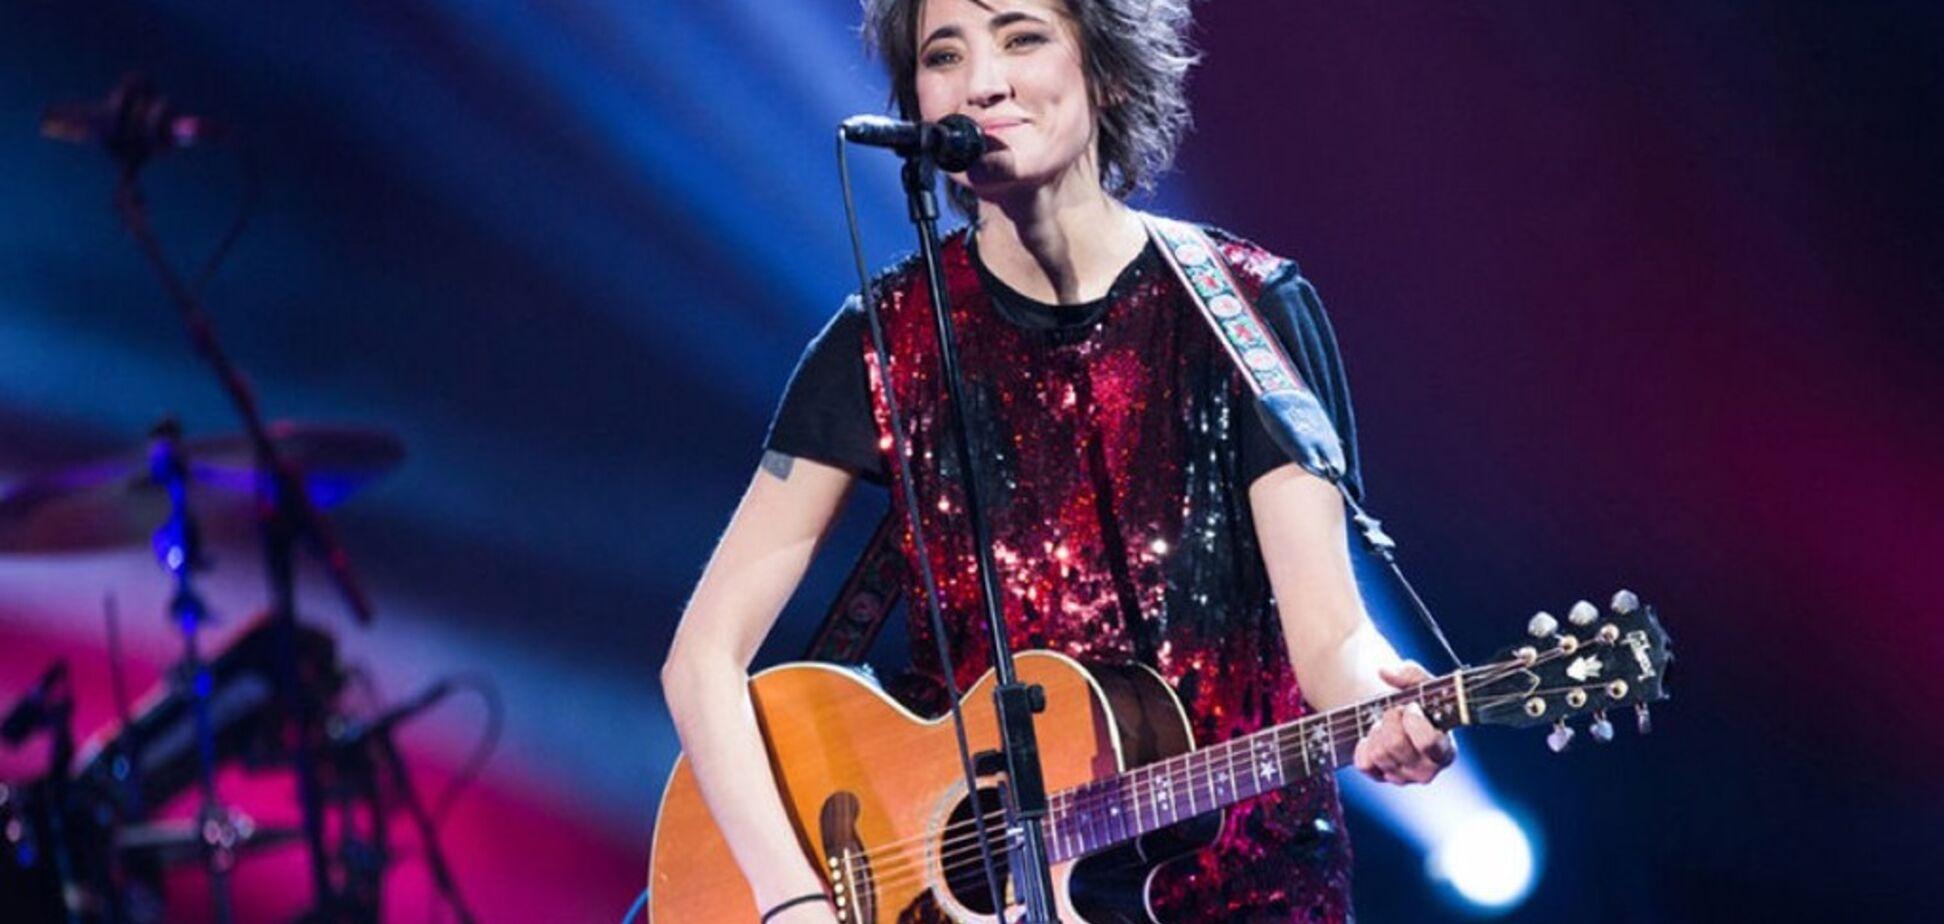 Земфира выпустила первый сингл после 5 лет молчания